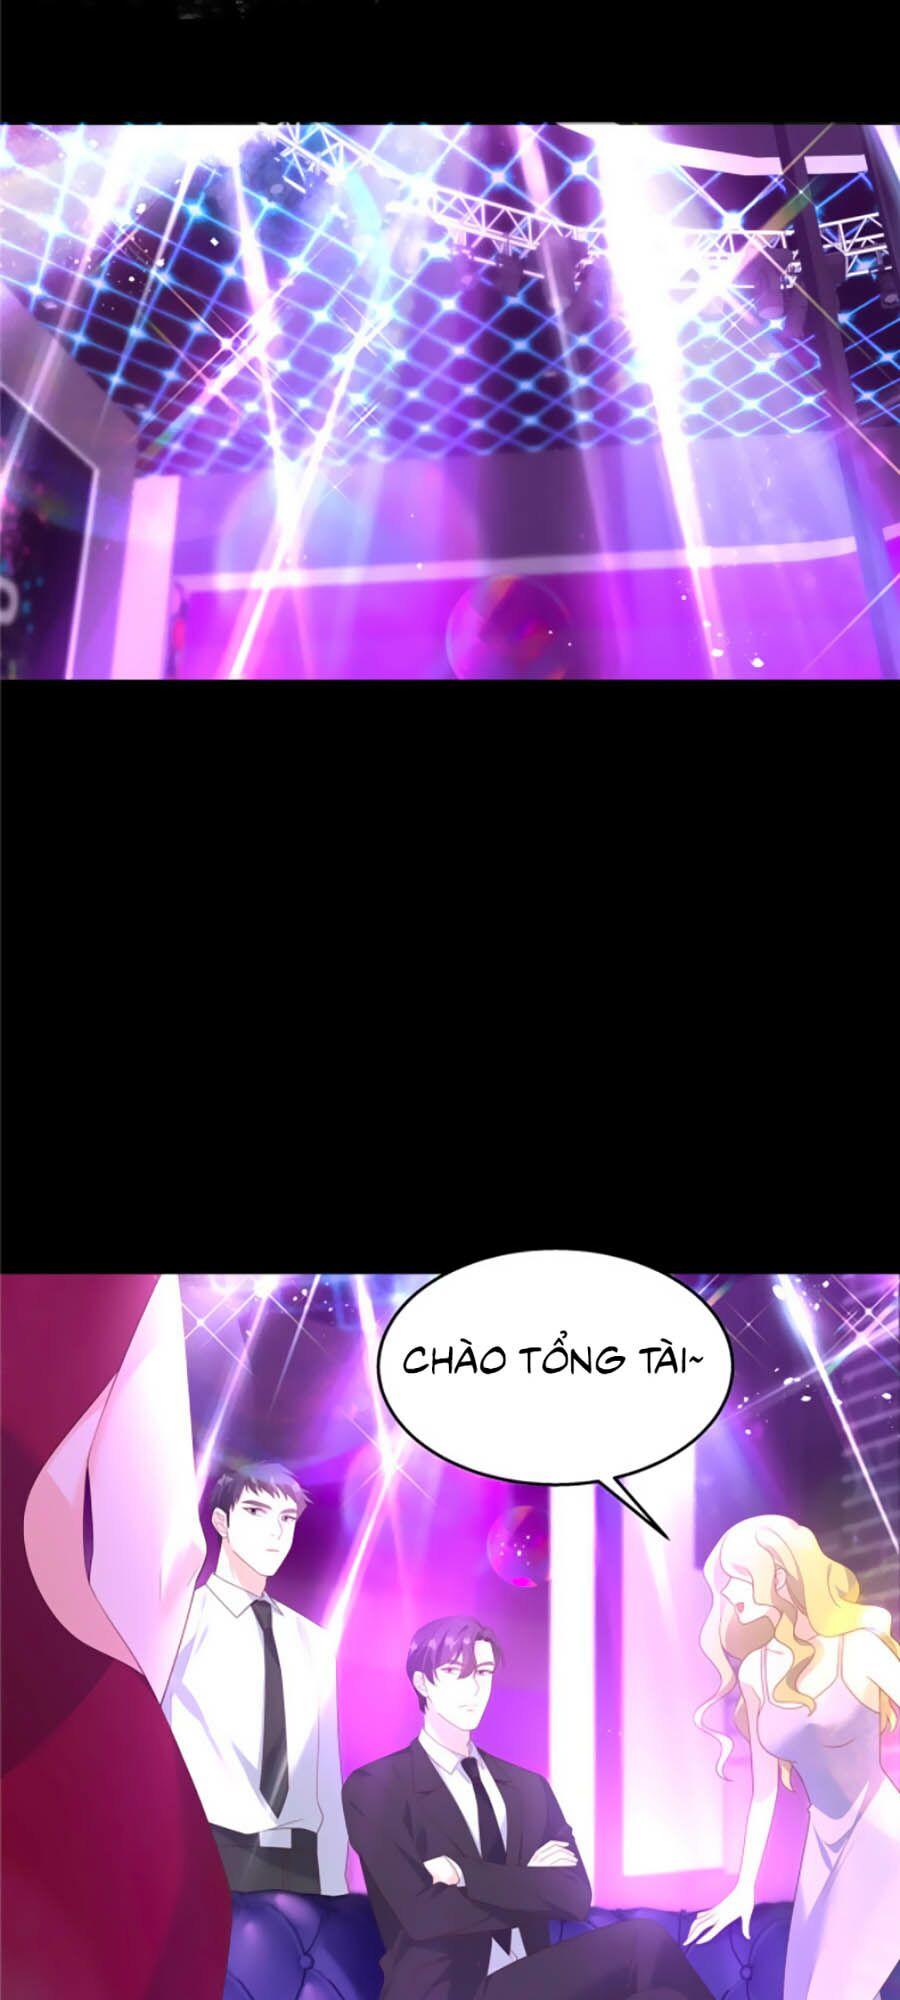 Hotboy Quốc Dân Là Nữ Chapter 157 - upload bởi truyensieuhay.com